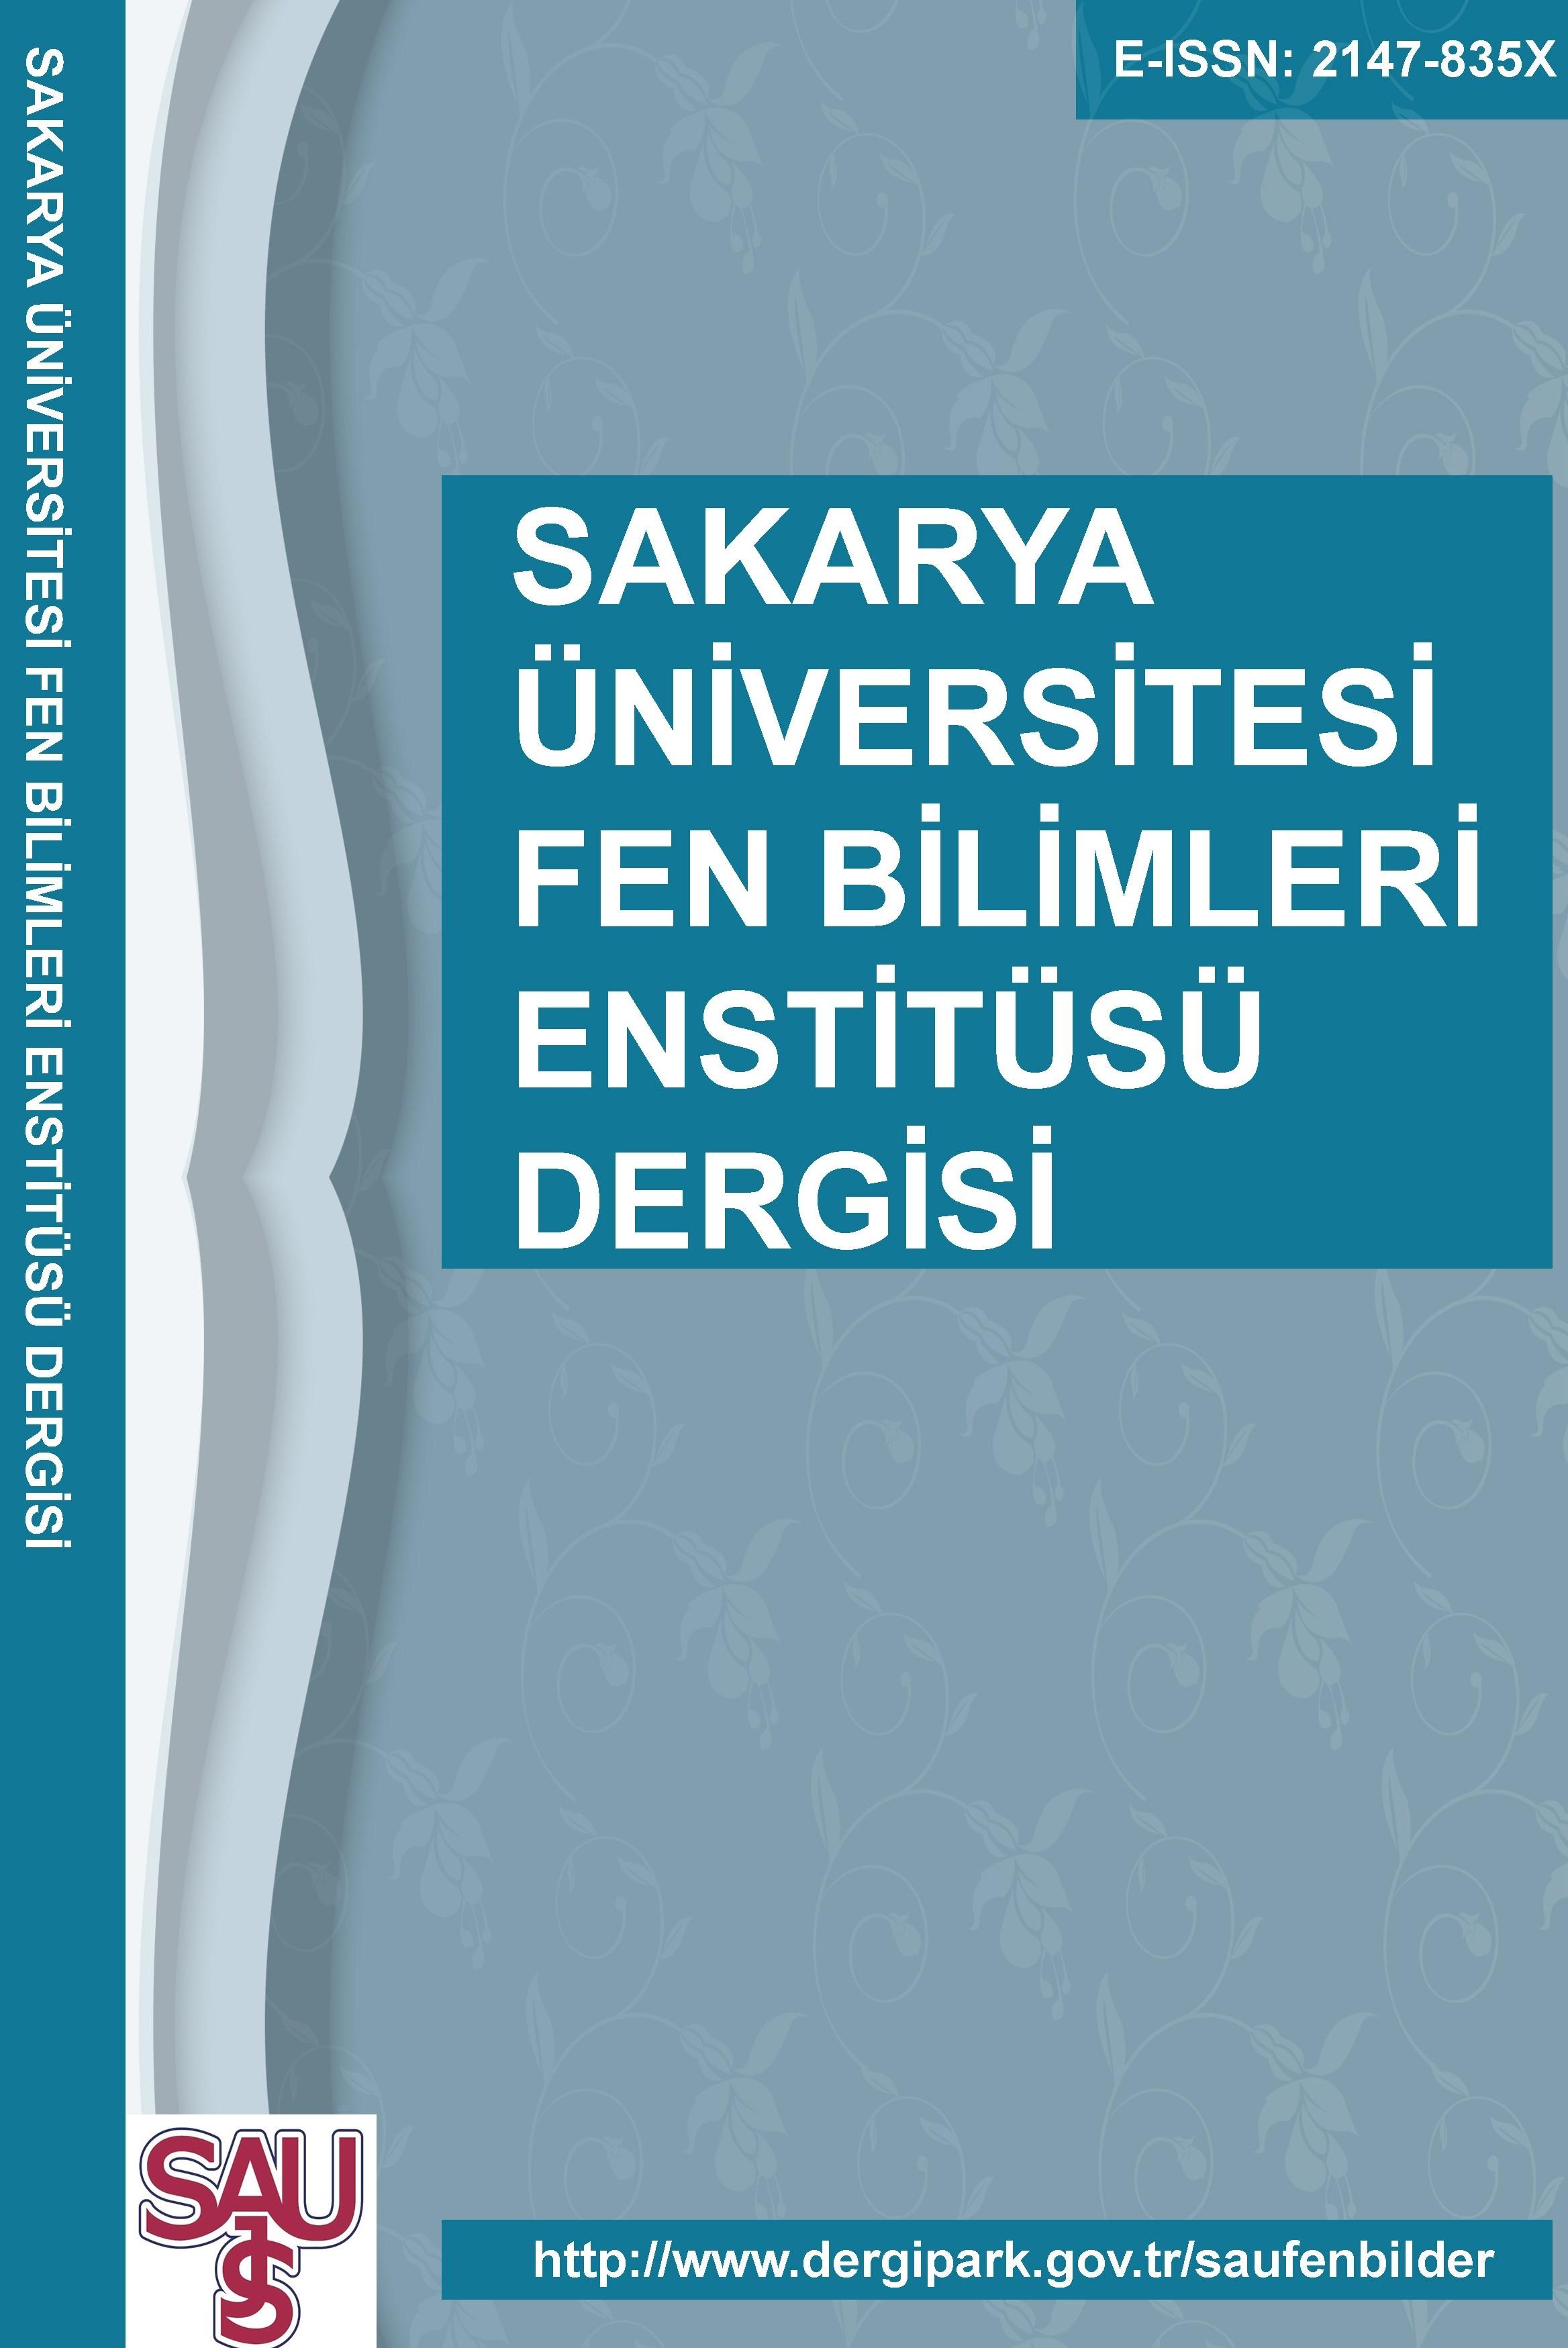 SAÜ Fen Bilimleri Enstitüsü Dergisi